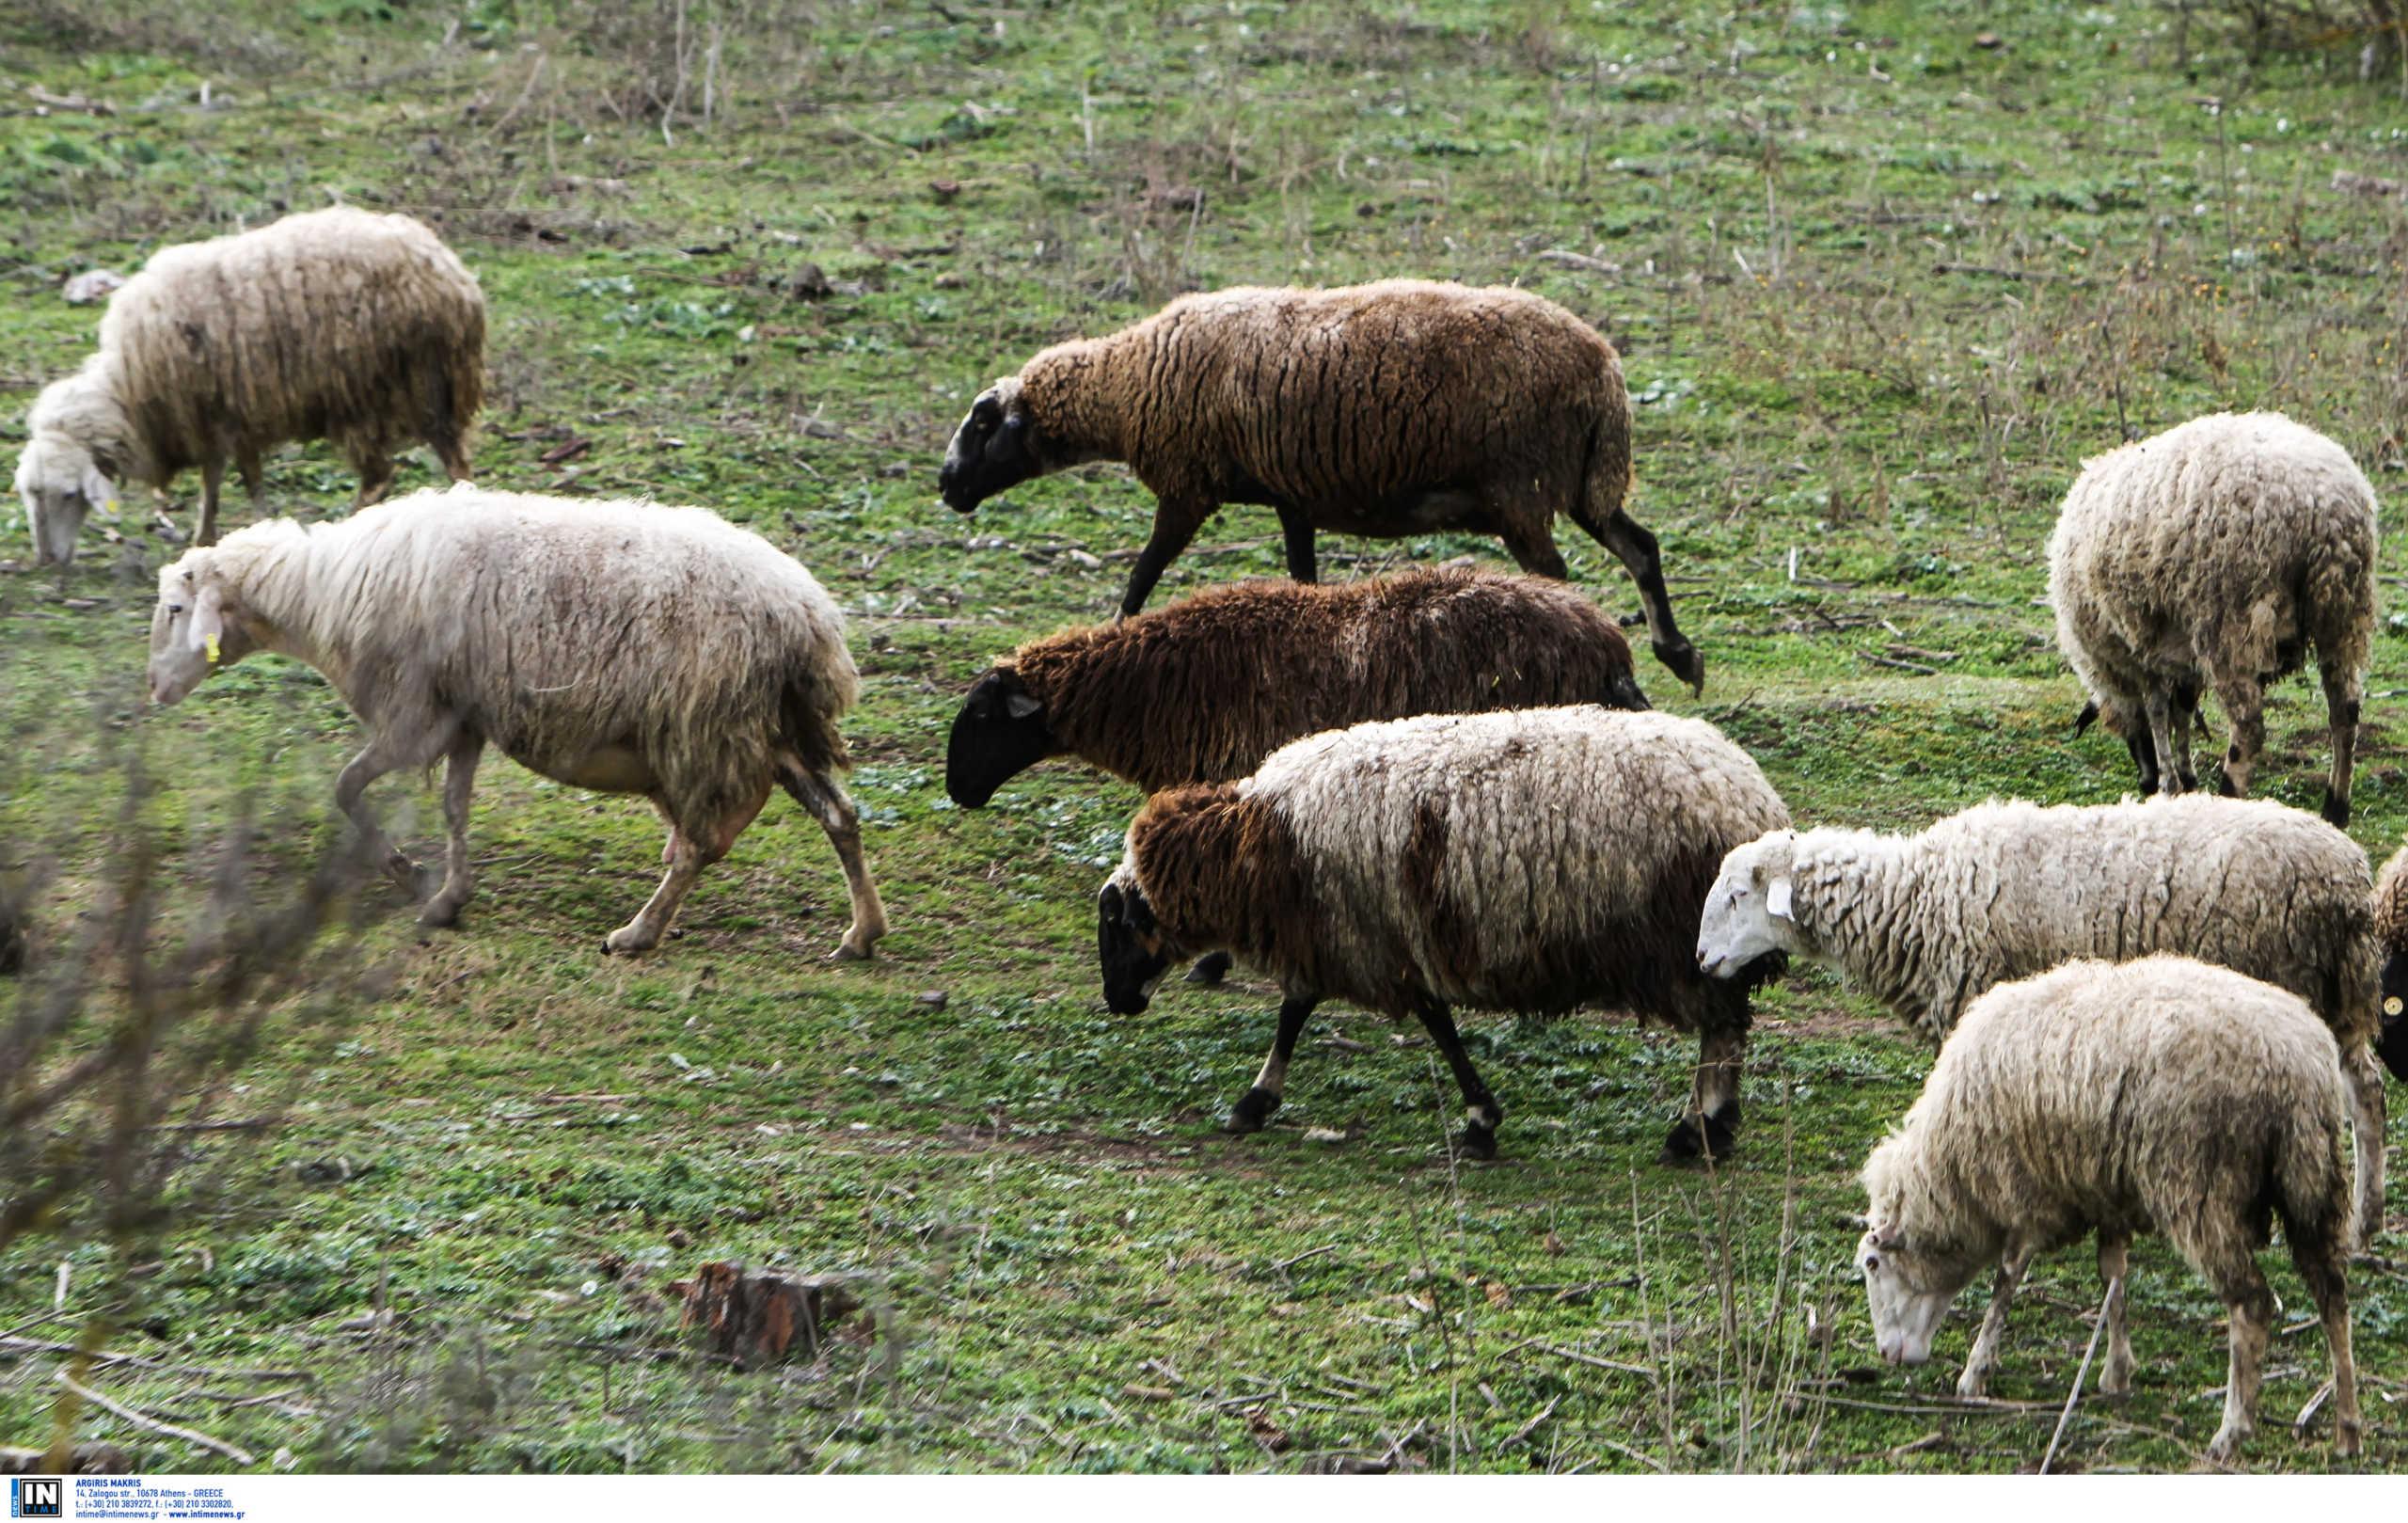 Ηράκλειο: Το ένστικτο κτηνοτρόφου ξεσκέπασε τη ζωοκλοπή σε χρόνο ρεκόρ – Οι έρευνες της αστυνομίας